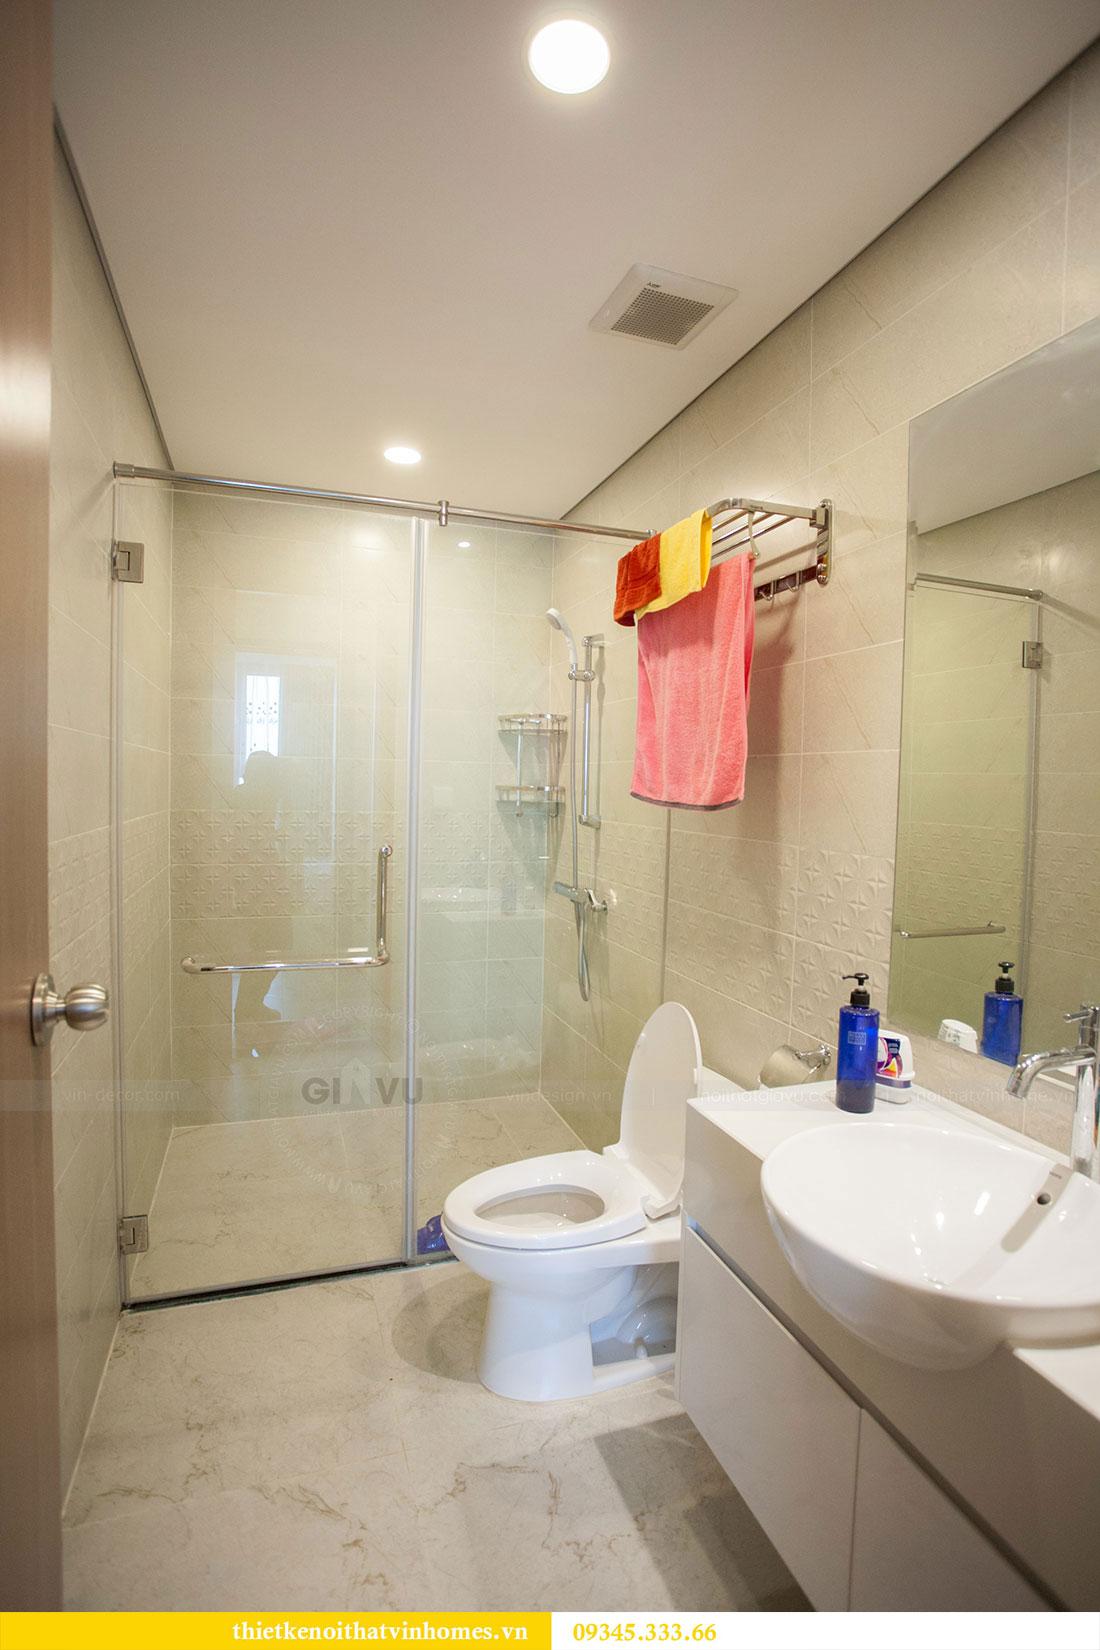 Hoàn thiện nội thất chung cư Dcapitale căn 2 phòng ngủ 16